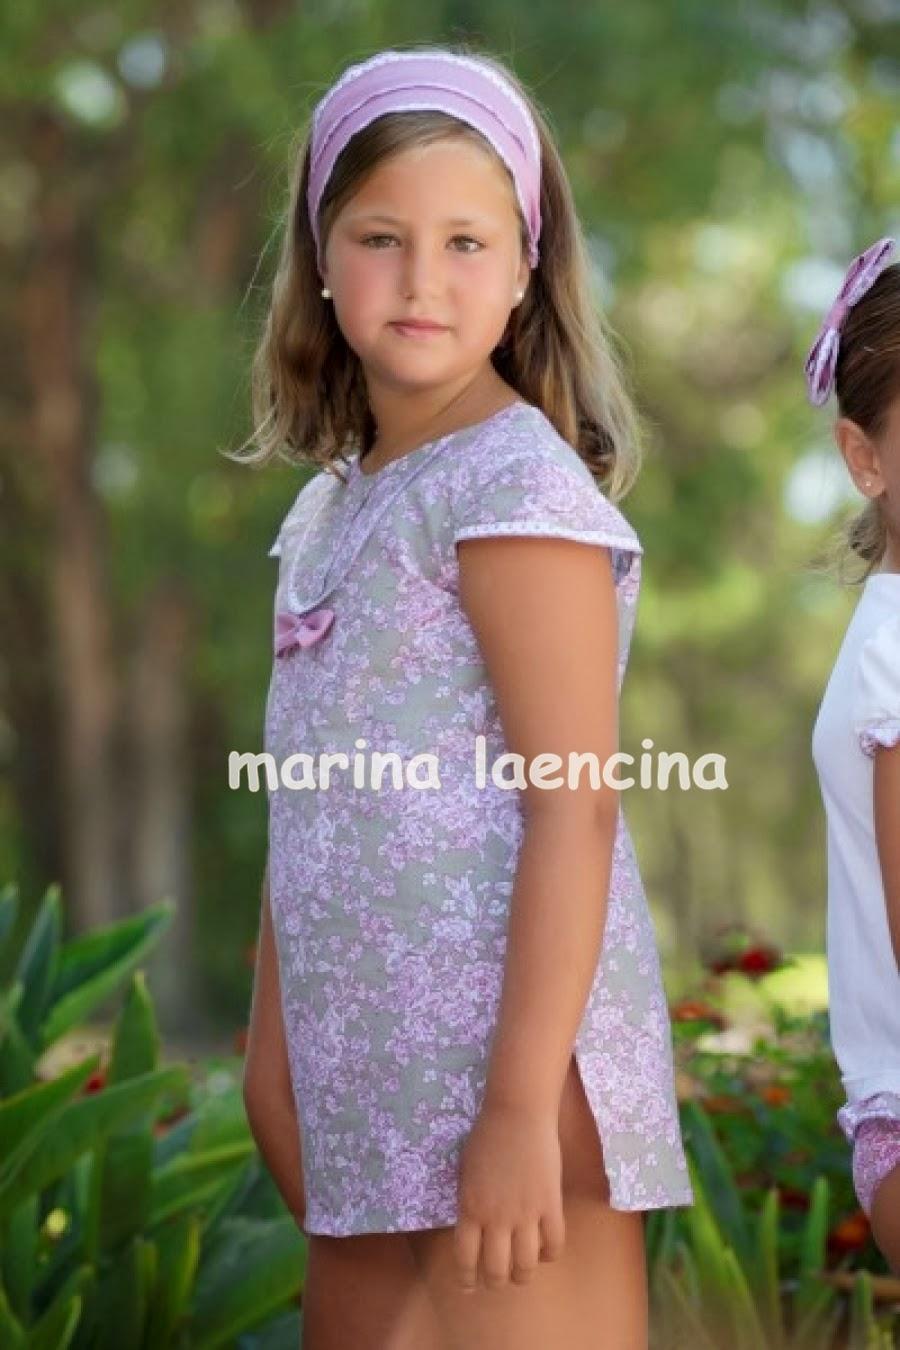 Marina laencina ba o maricruz 2014 - Maricruz bano ...